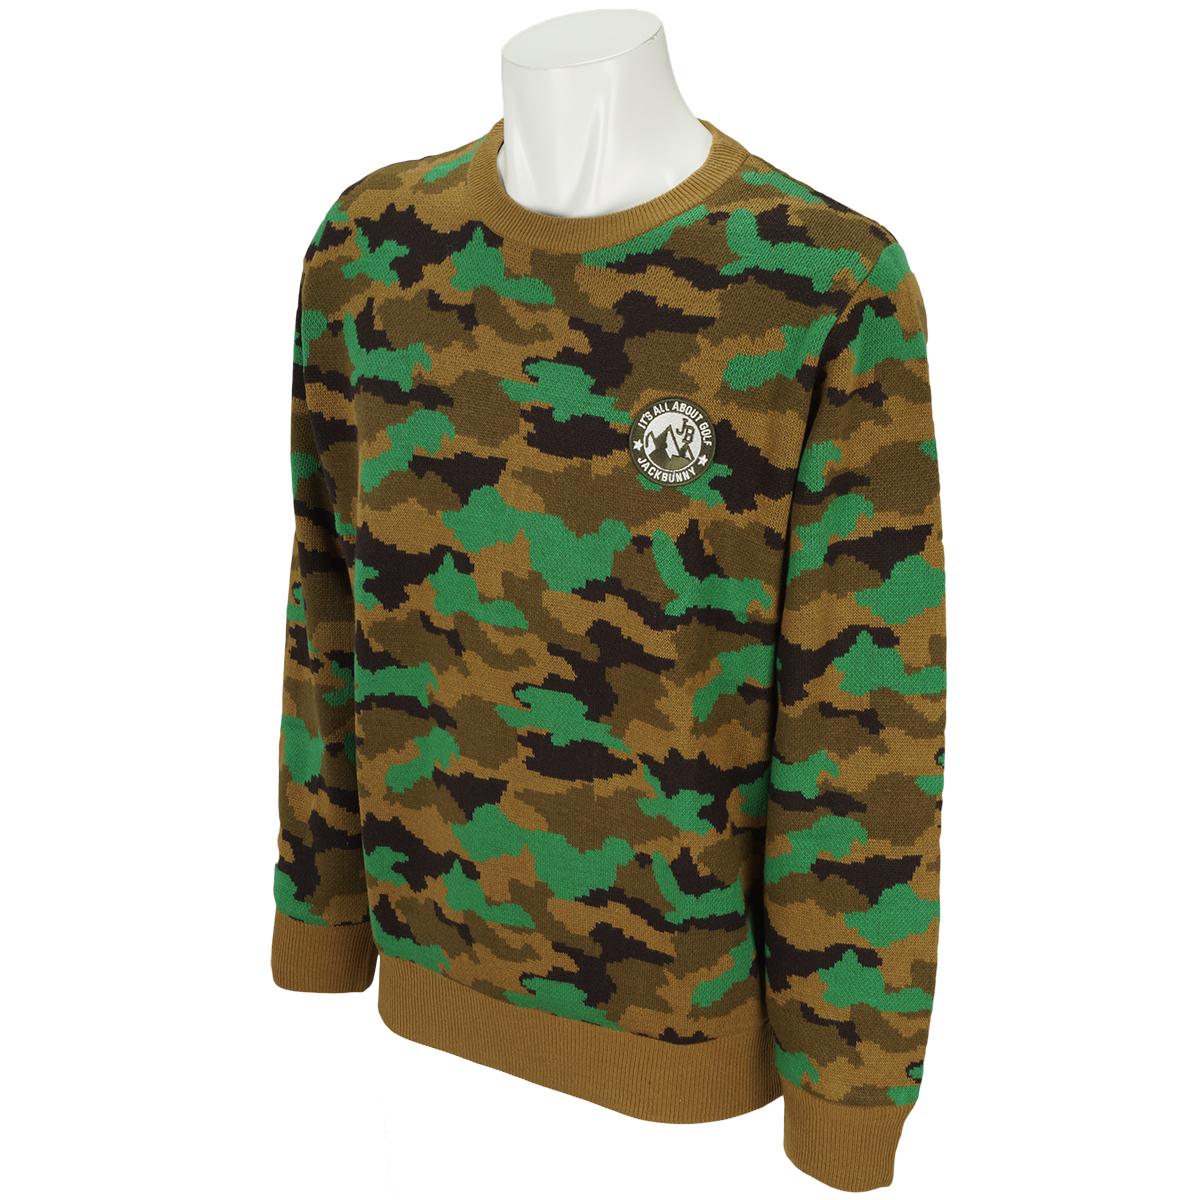 HOT WAVE カモ柄セーター